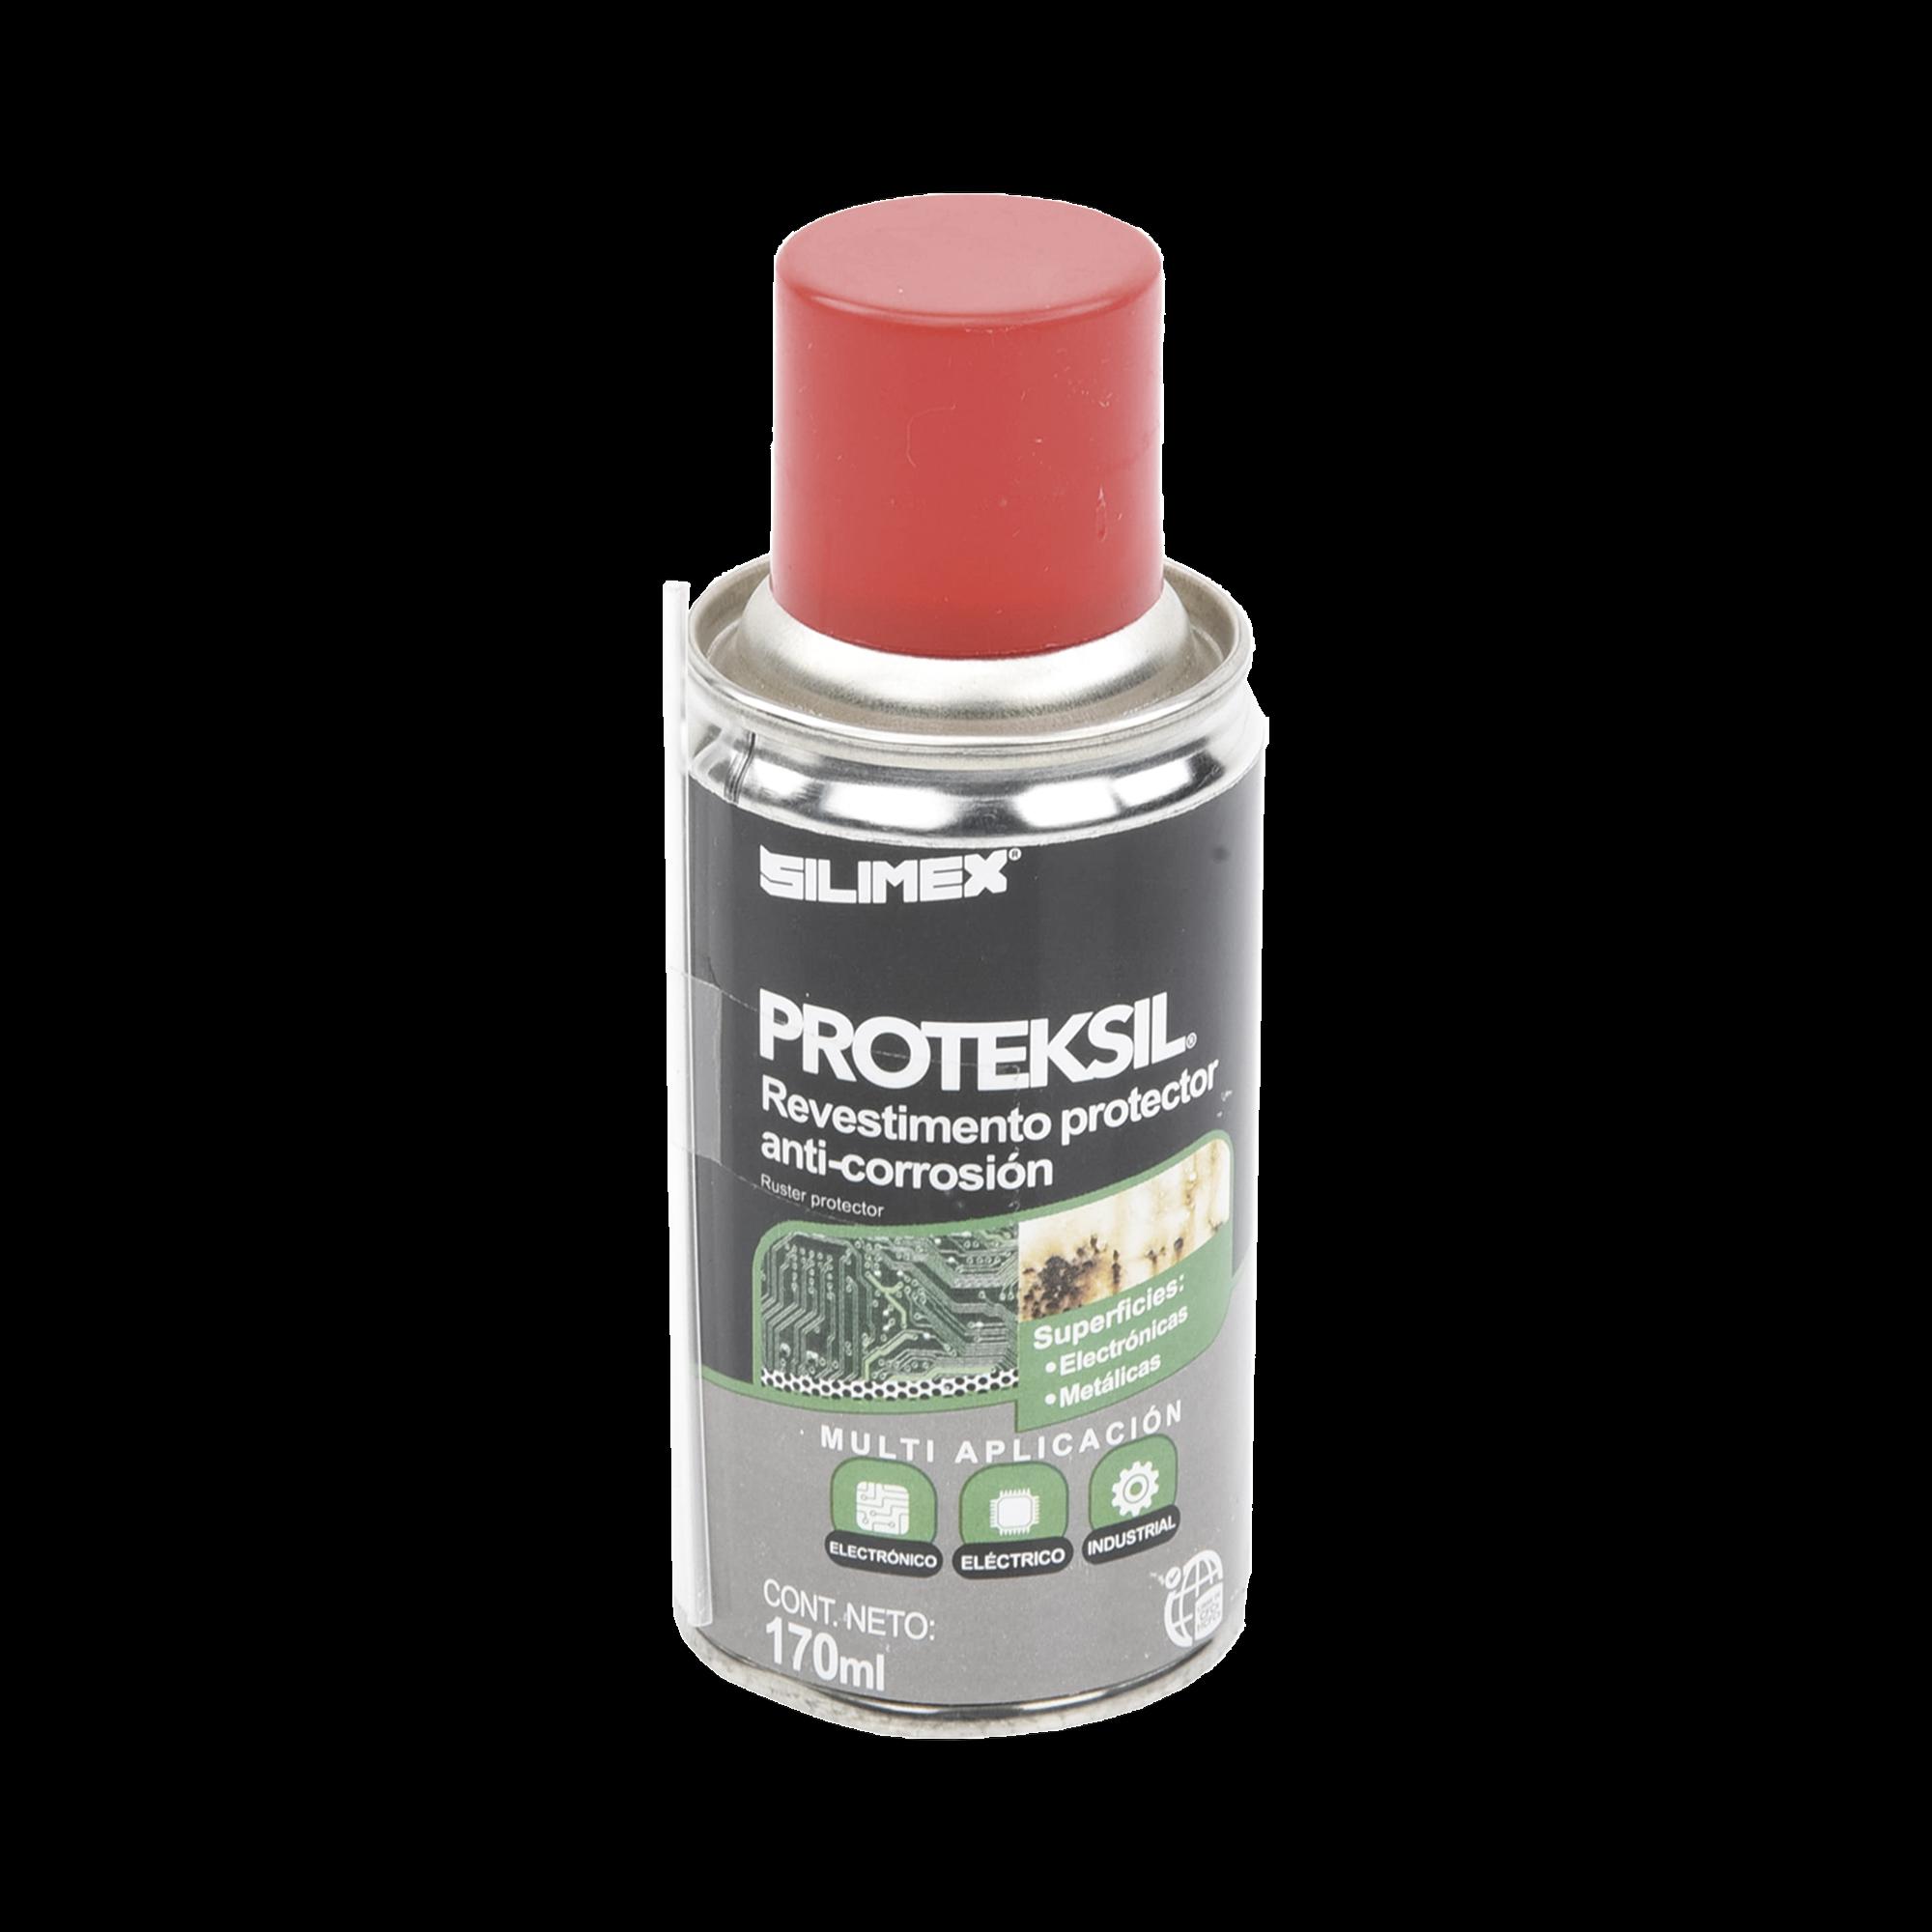 Revestimiento protector anti-corrosión en aerosol, para ambientes altamente húmedos, 170 ml.